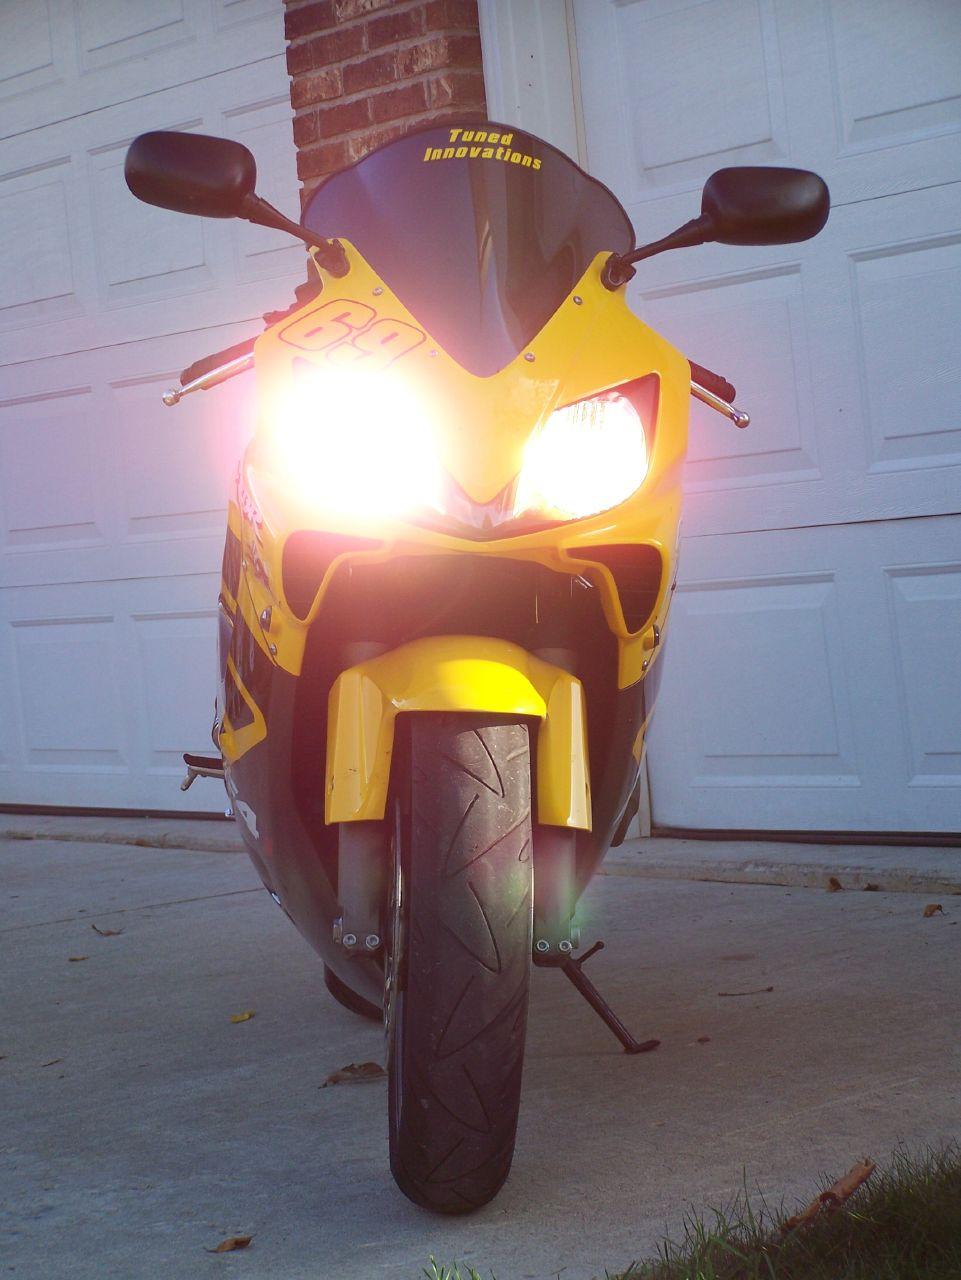 Pics of my bike 1492217136_f79cf4dfd3_o